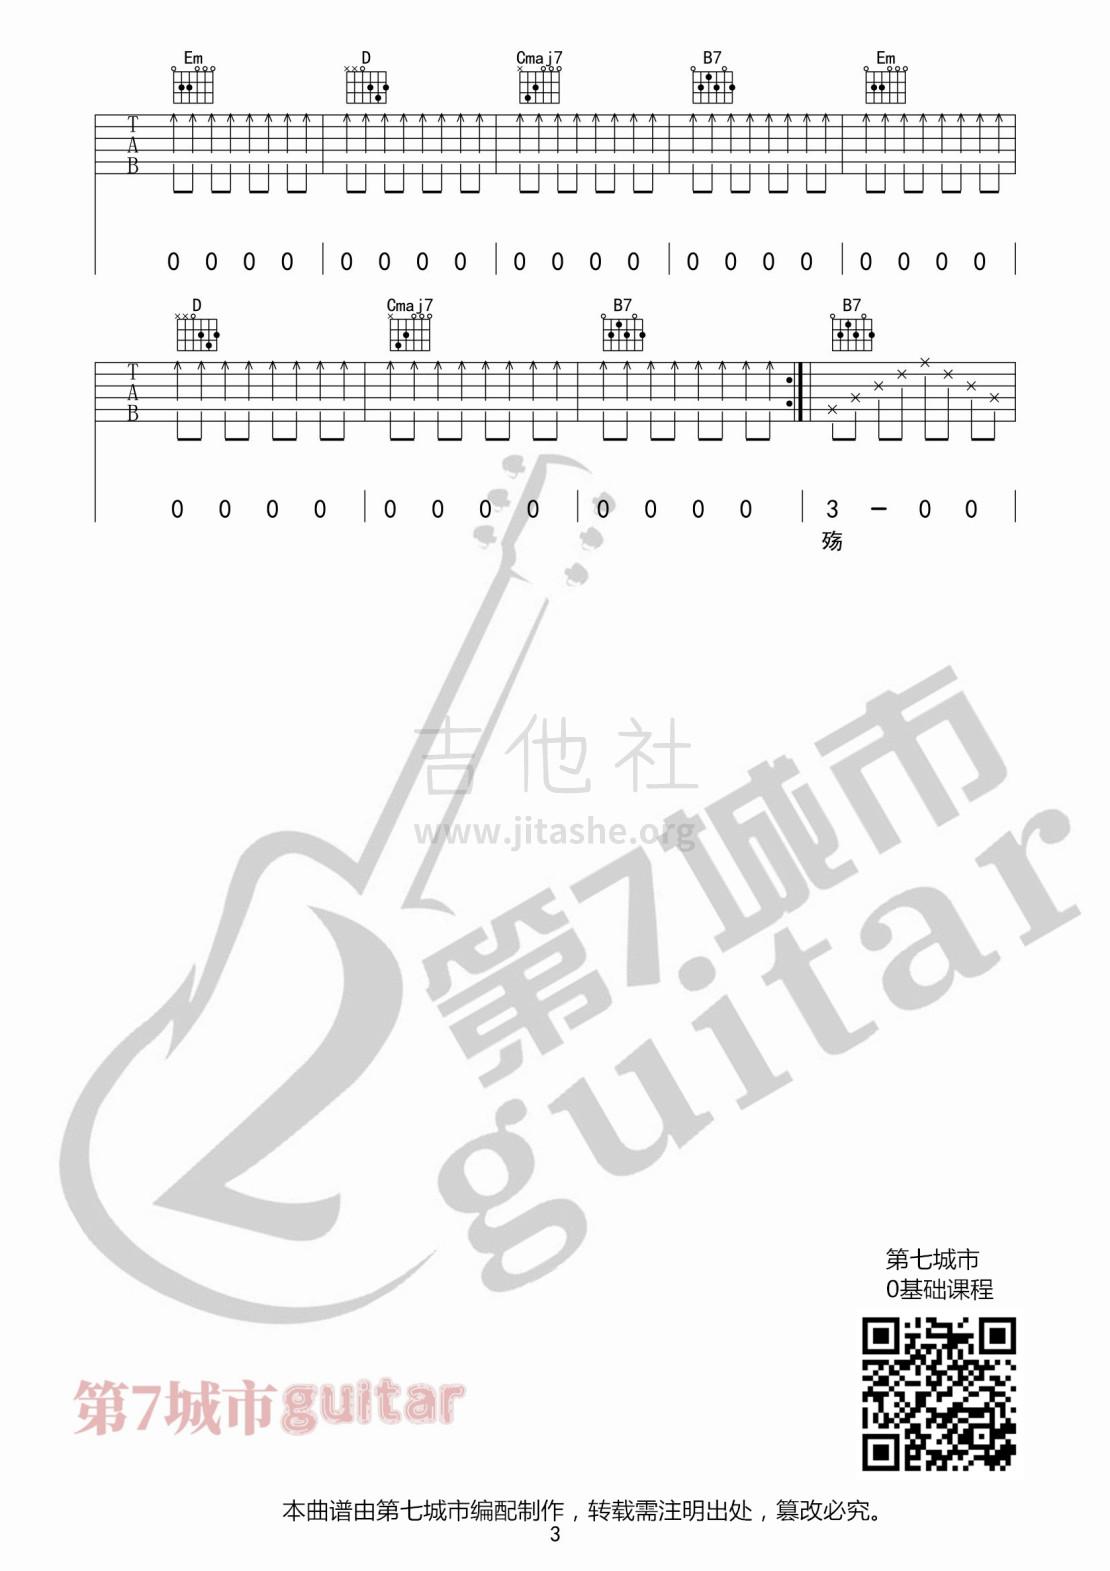 窗吉他谱(图片谱,第七城市,弹唱)_虎二_窗水印03.jpg